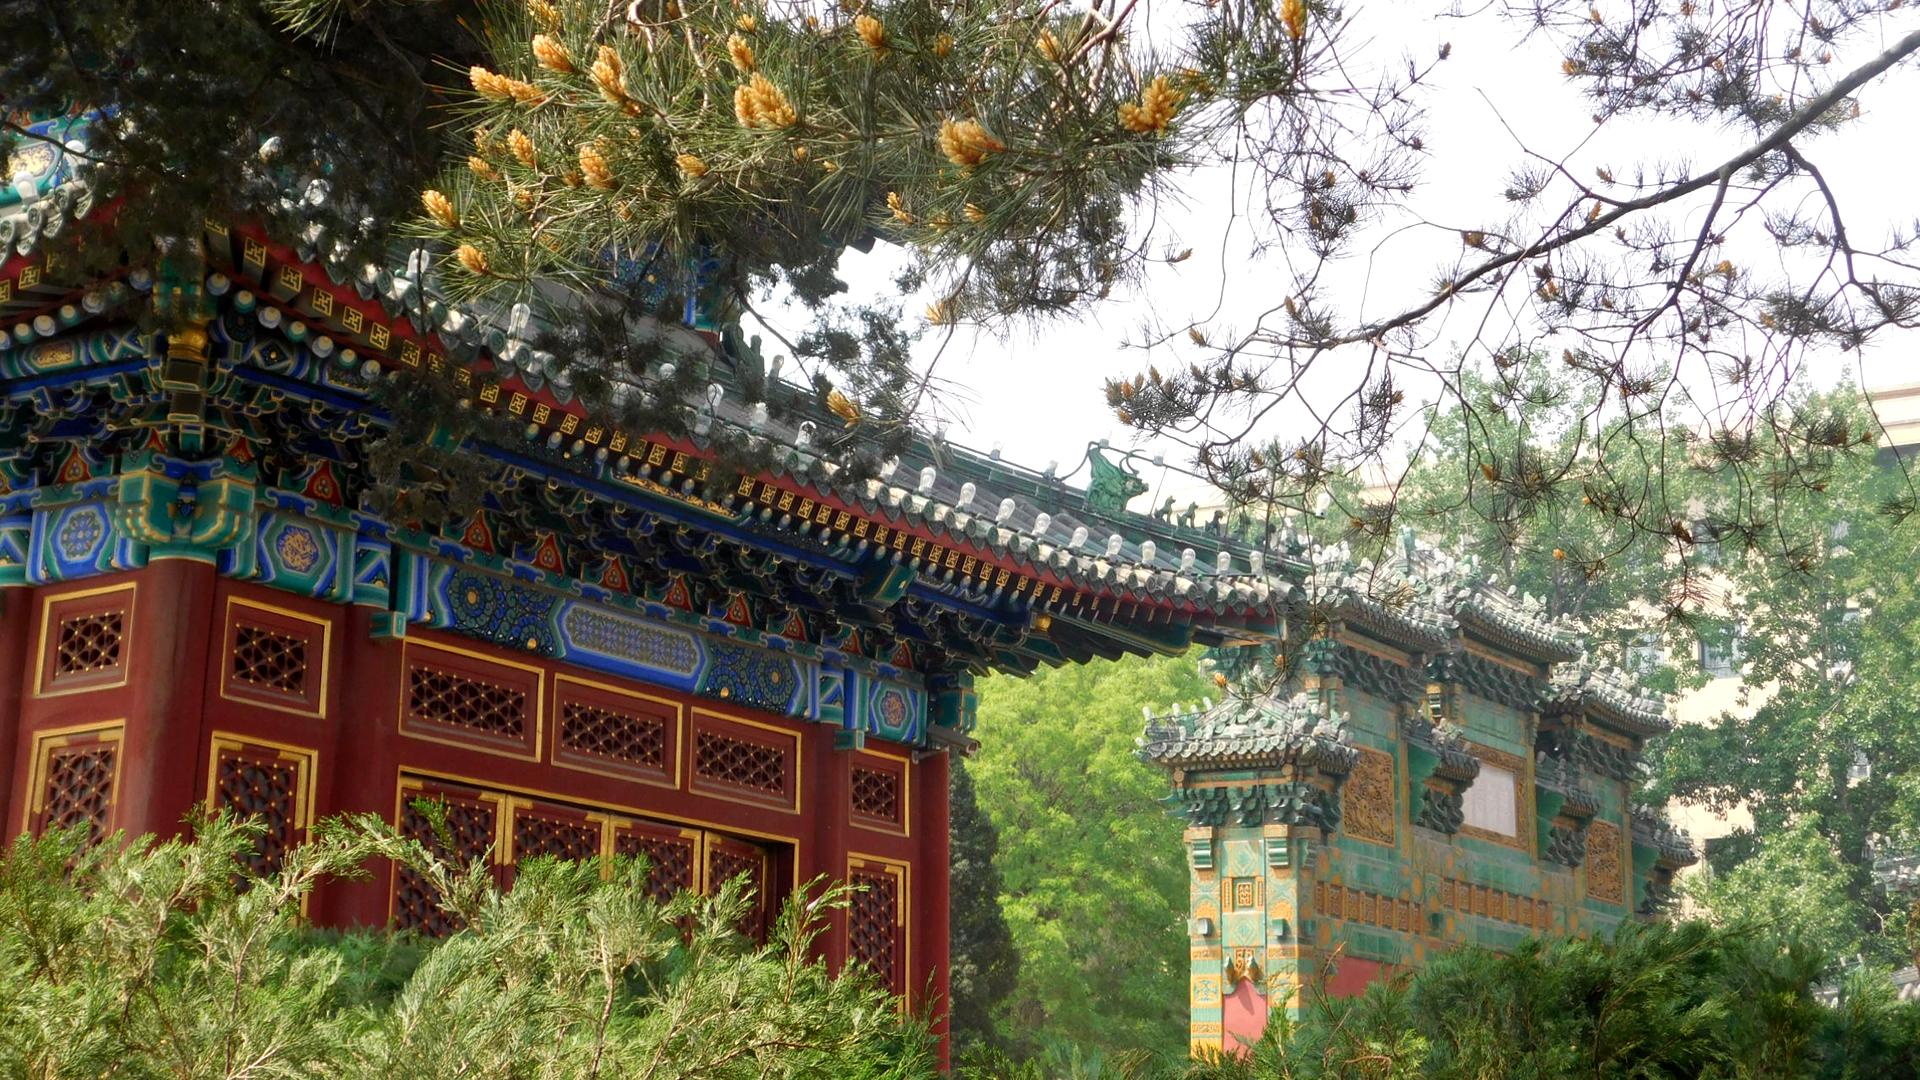 Der Beihai Park ist durchspickt von schönen Bauten und Pflanzen.